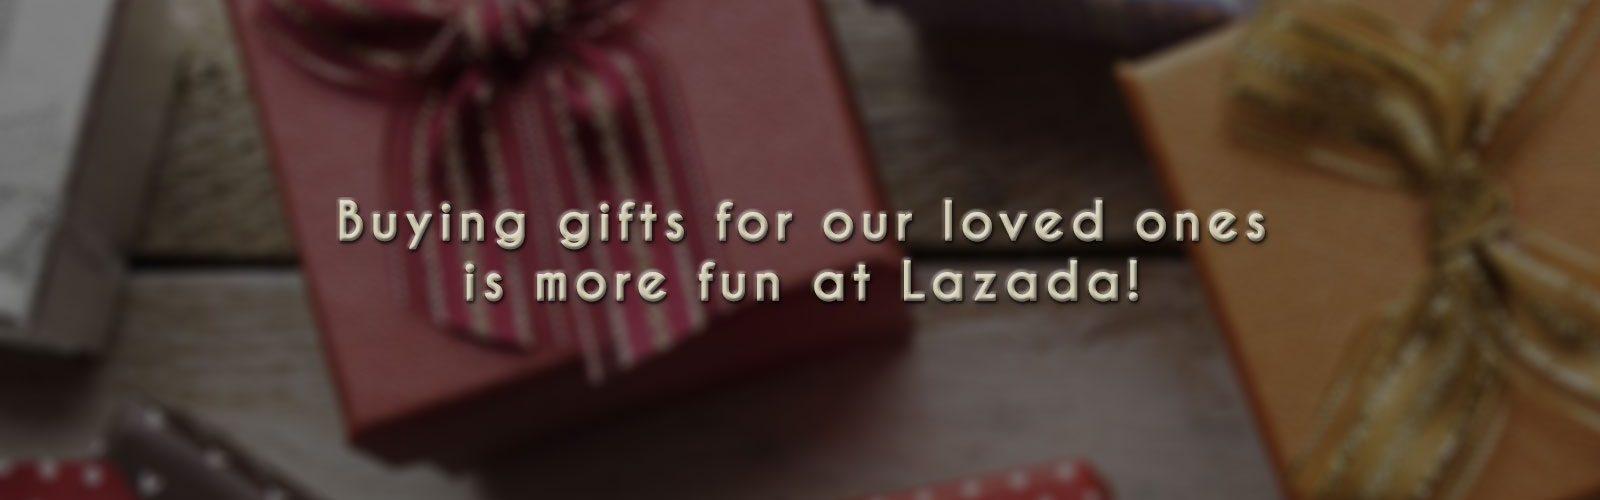 Shopping at Lazada